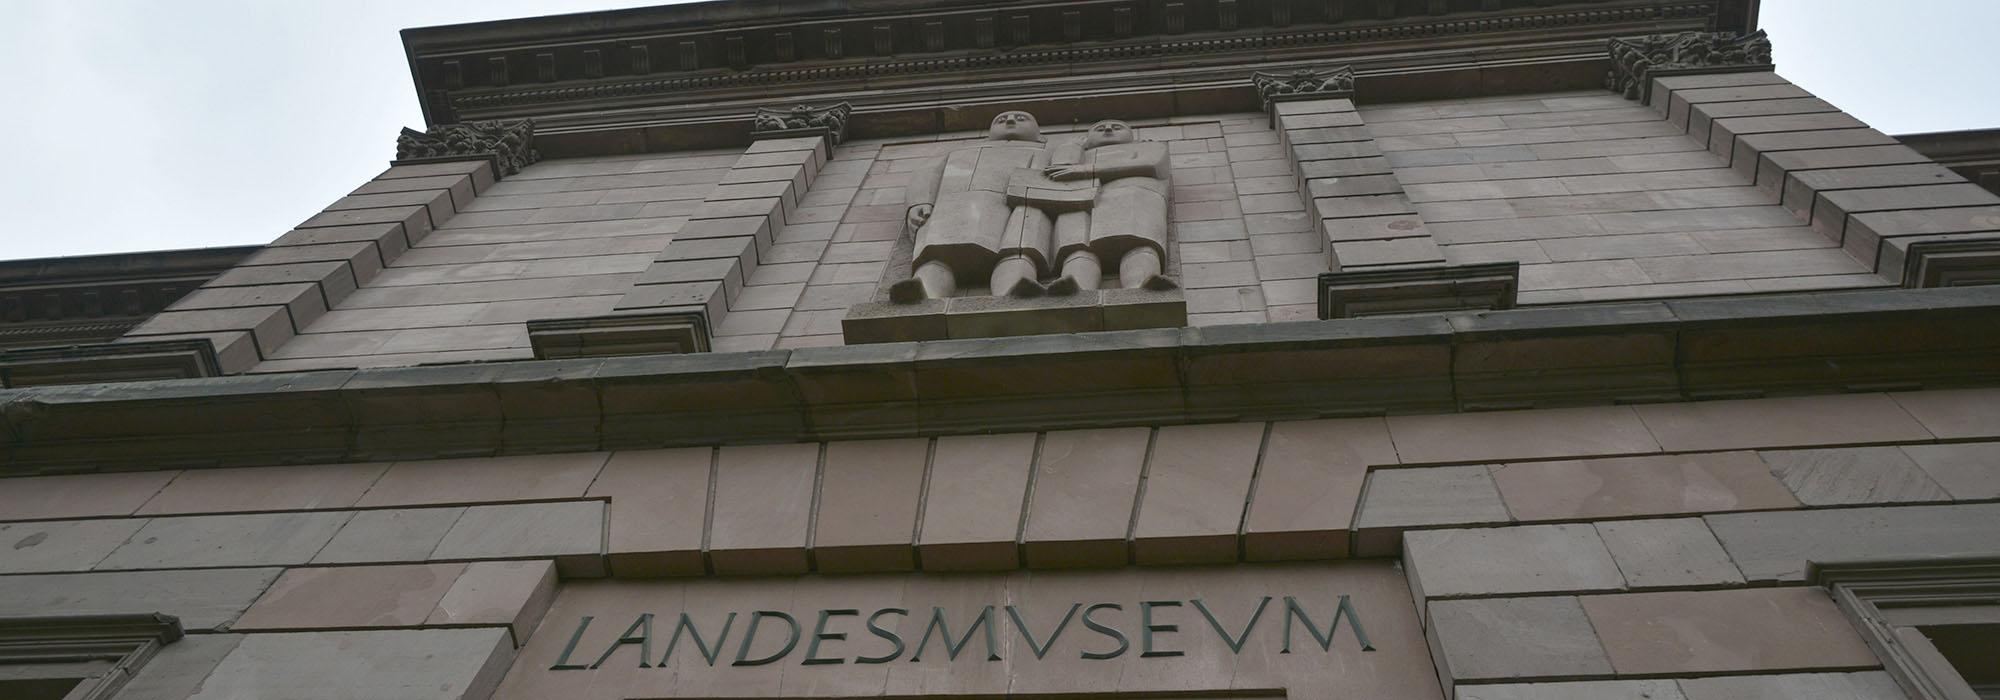 Landesmuseum_ARN3545